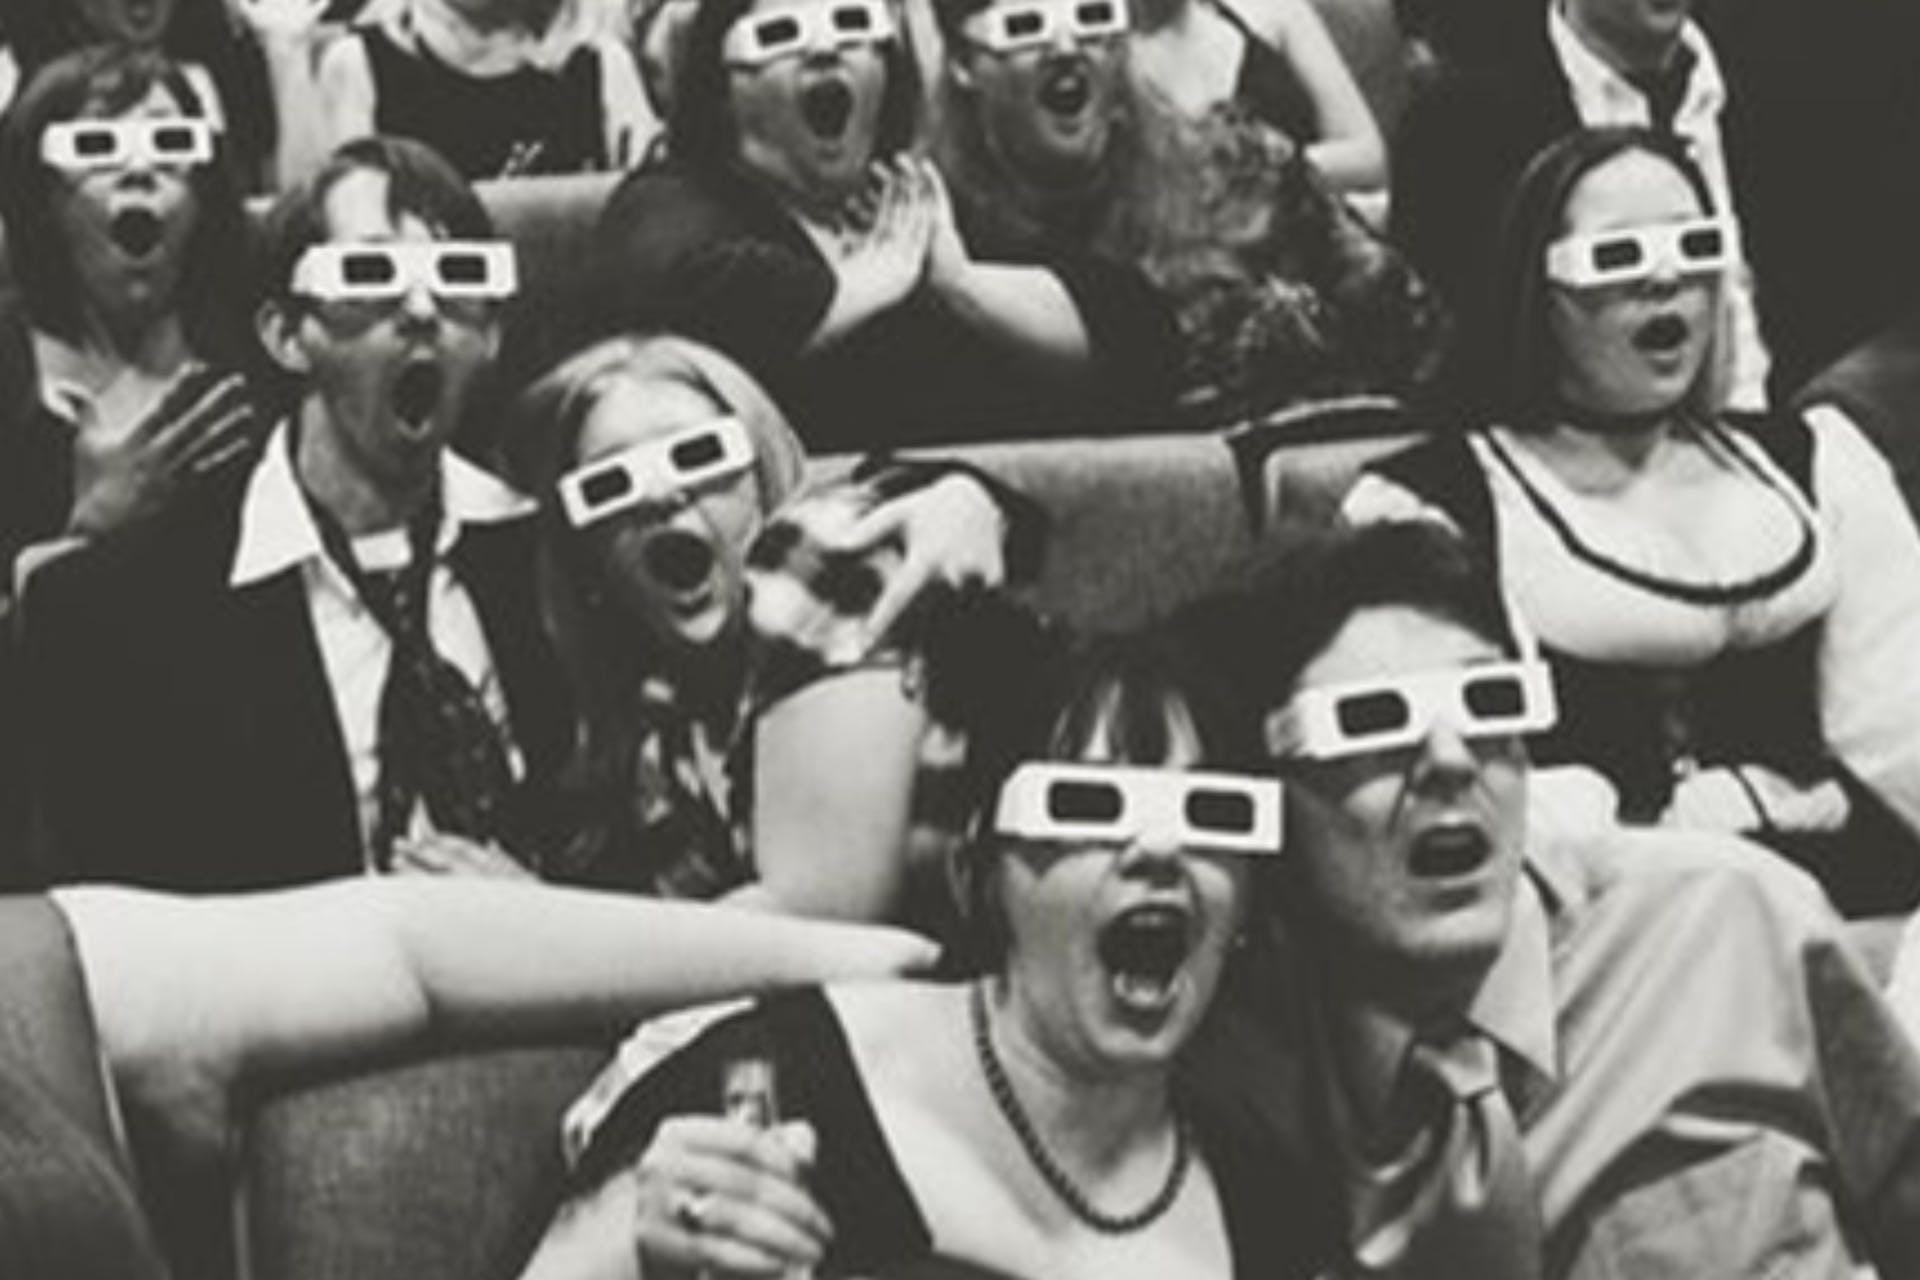 5 film festivals using social media